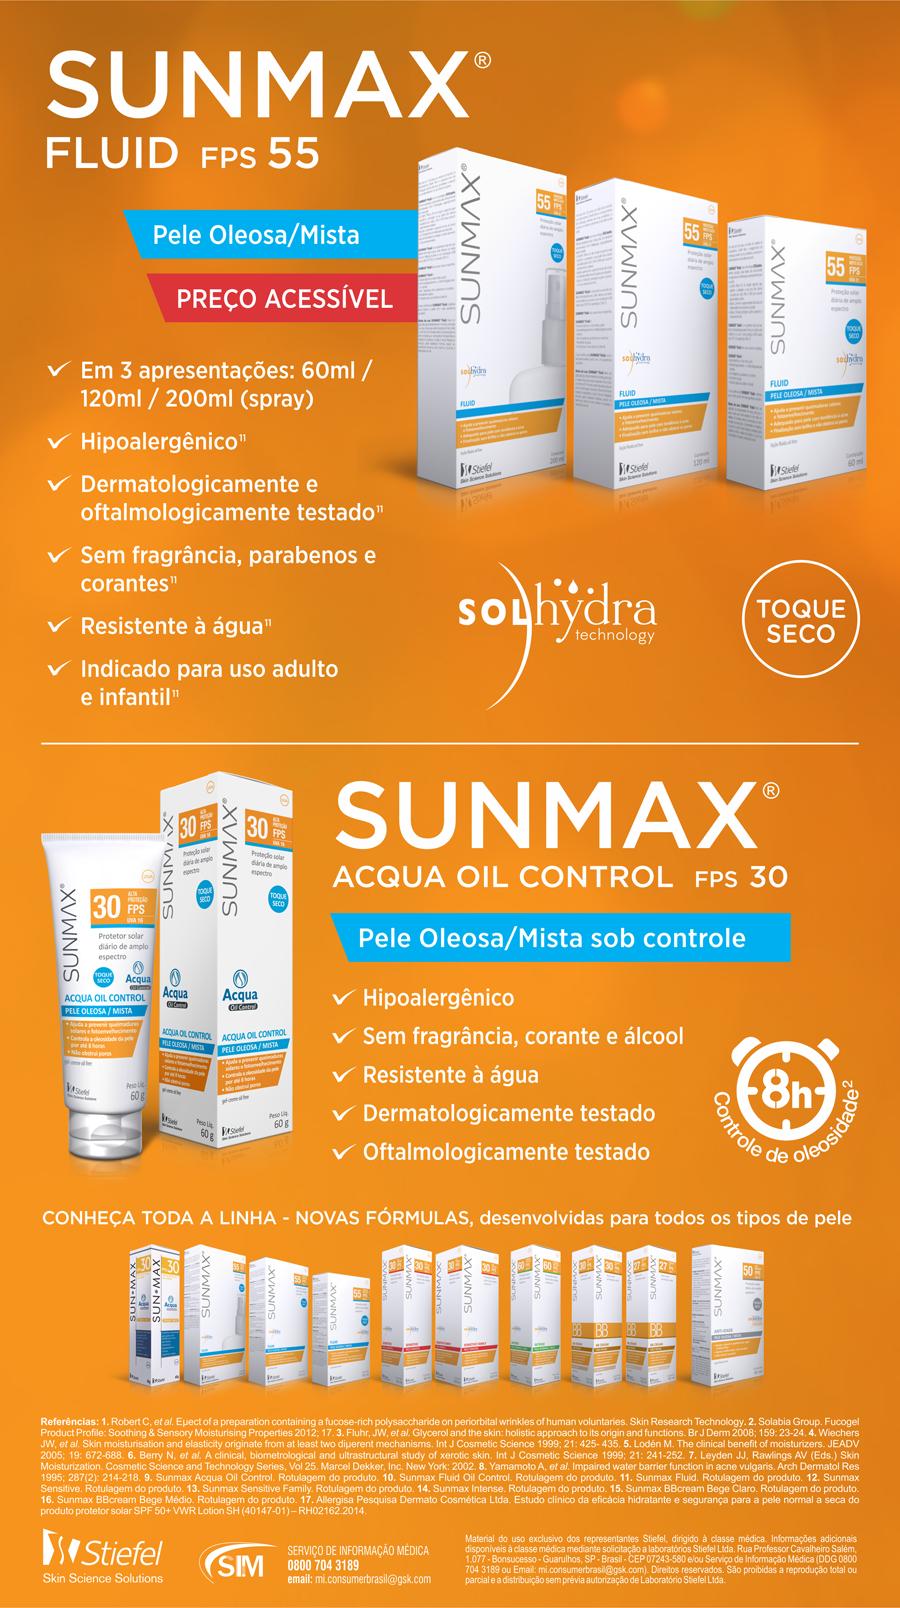 eeb4fadd5844e ... solares e fotoenvelhecimento  Adequado para pele com tendência à acne   Finalização sem brilho e não obstrui os poros  Ajuda a hidratar e proteger  a pele ...